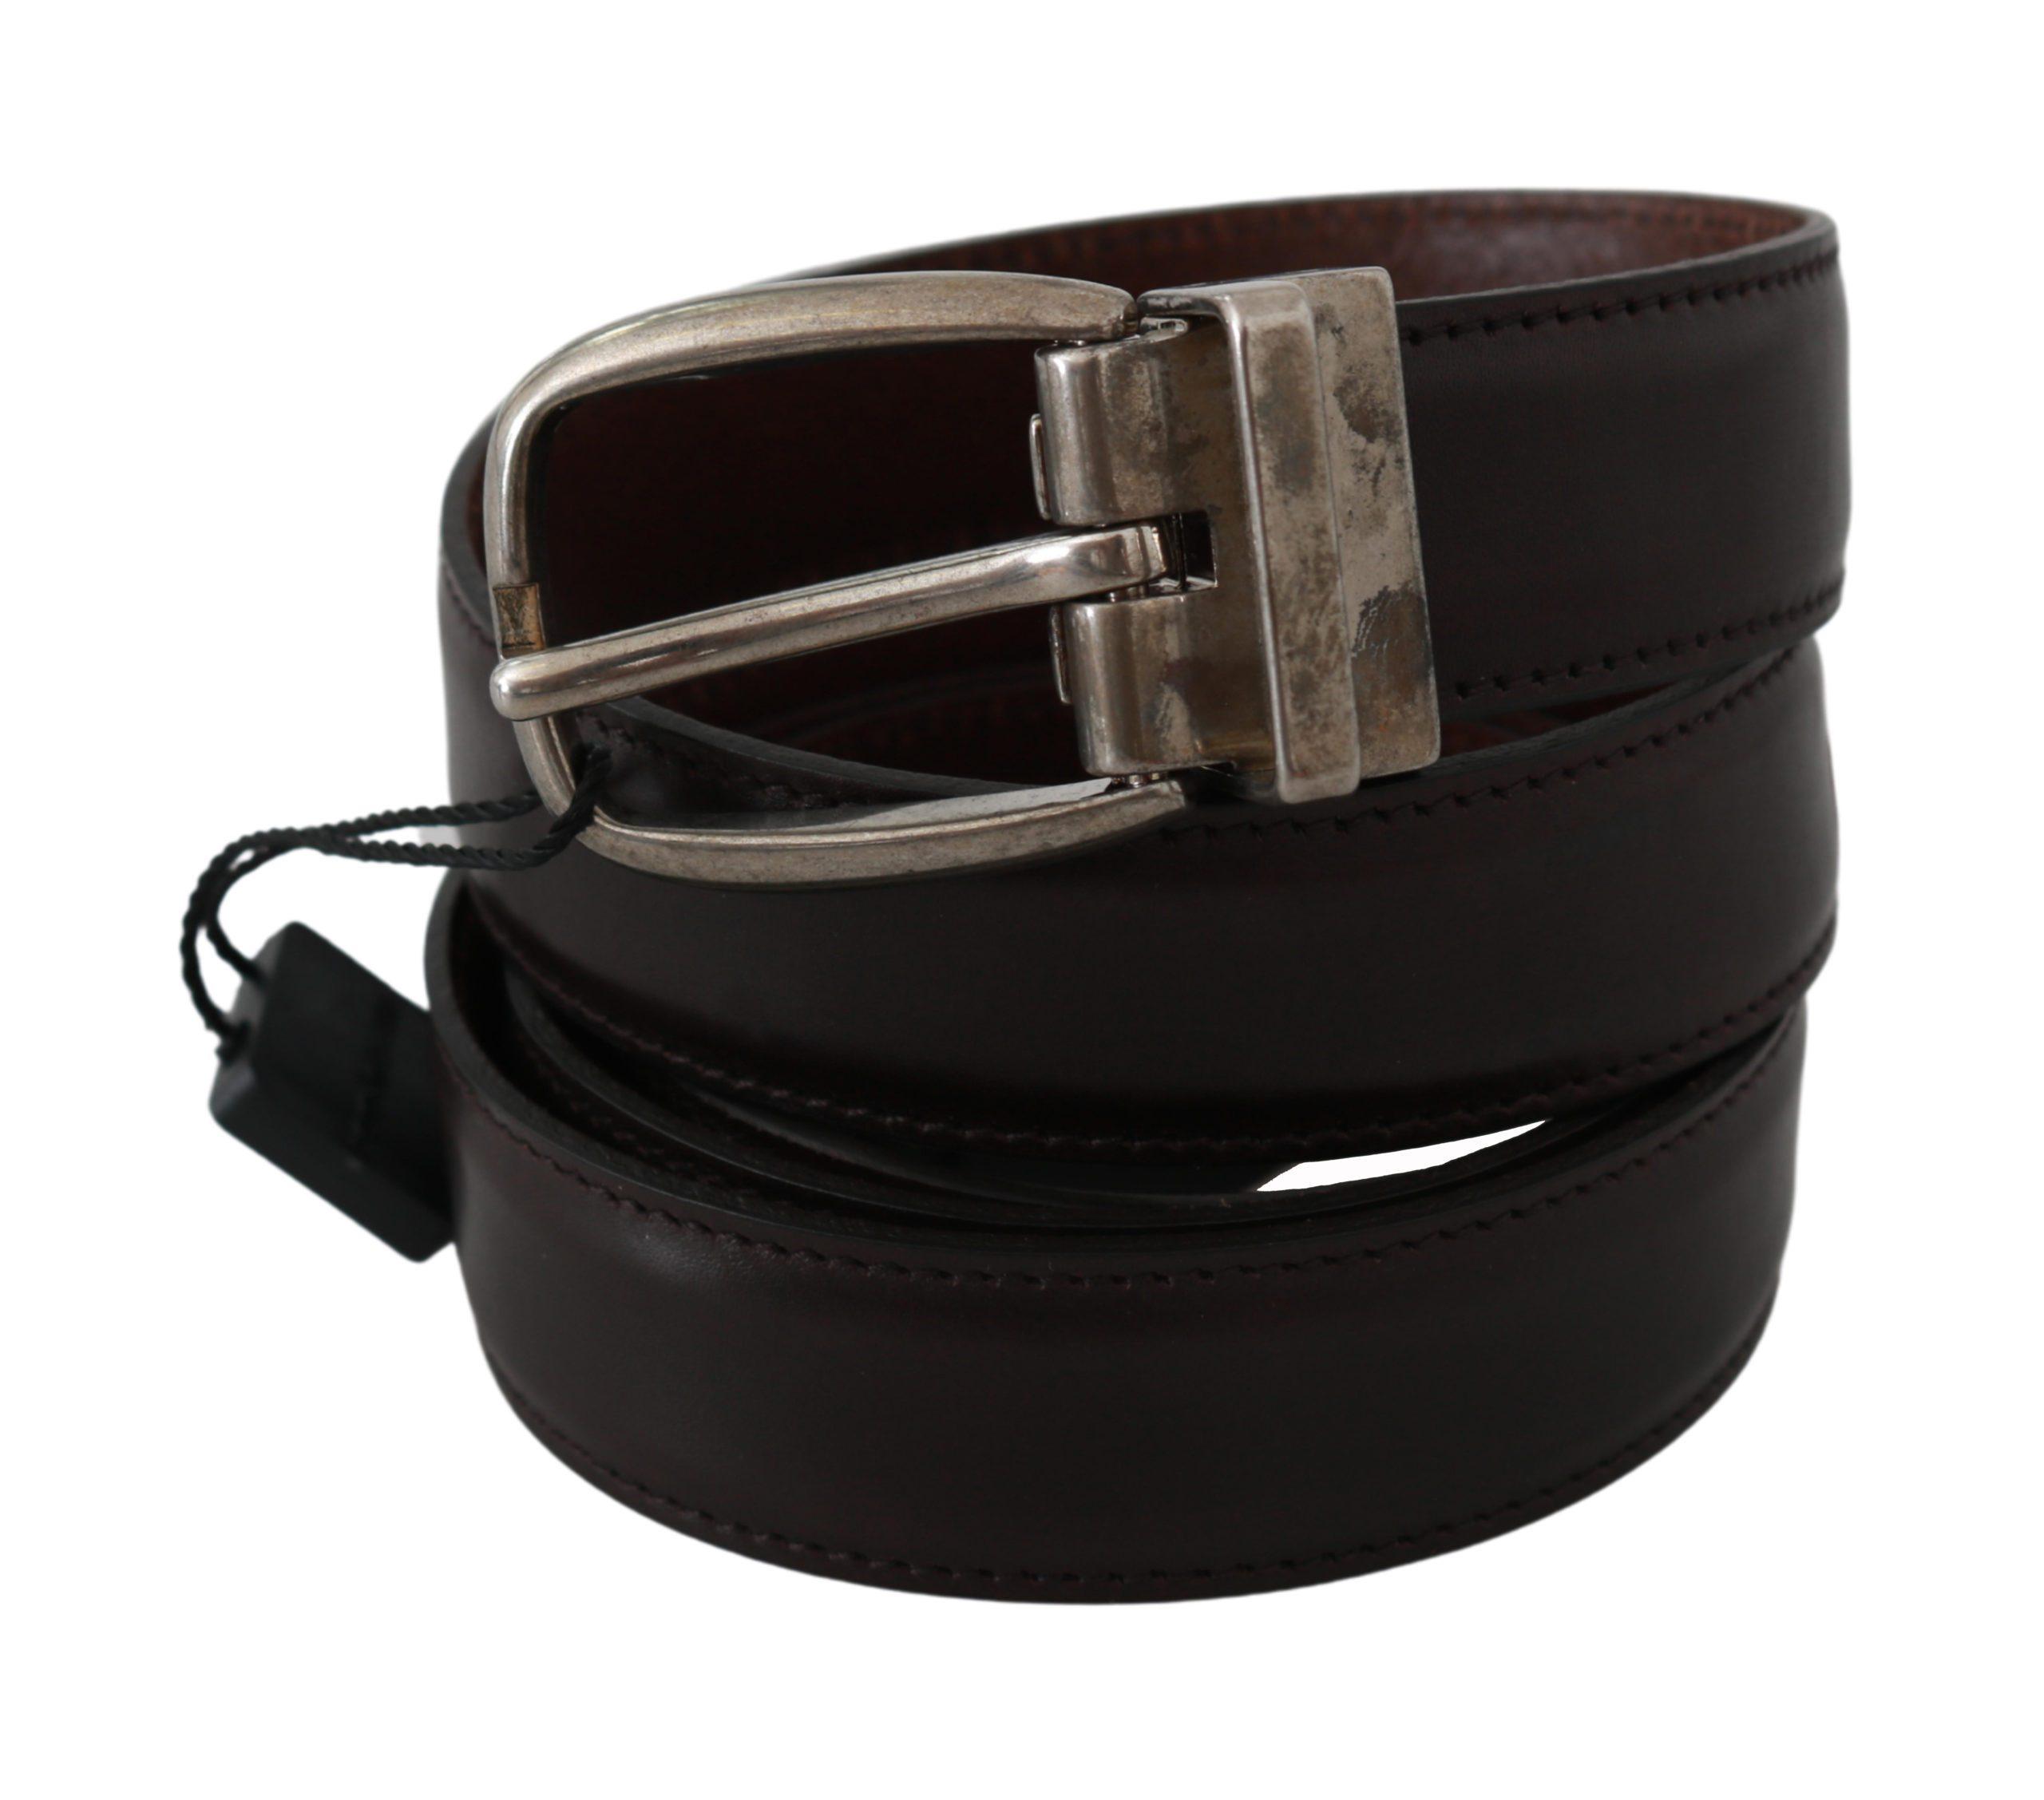 Dolce & Gabbana Men's Buckle Waist Leather Belt Brown BEL60552 - 110 cm / 44 Inches